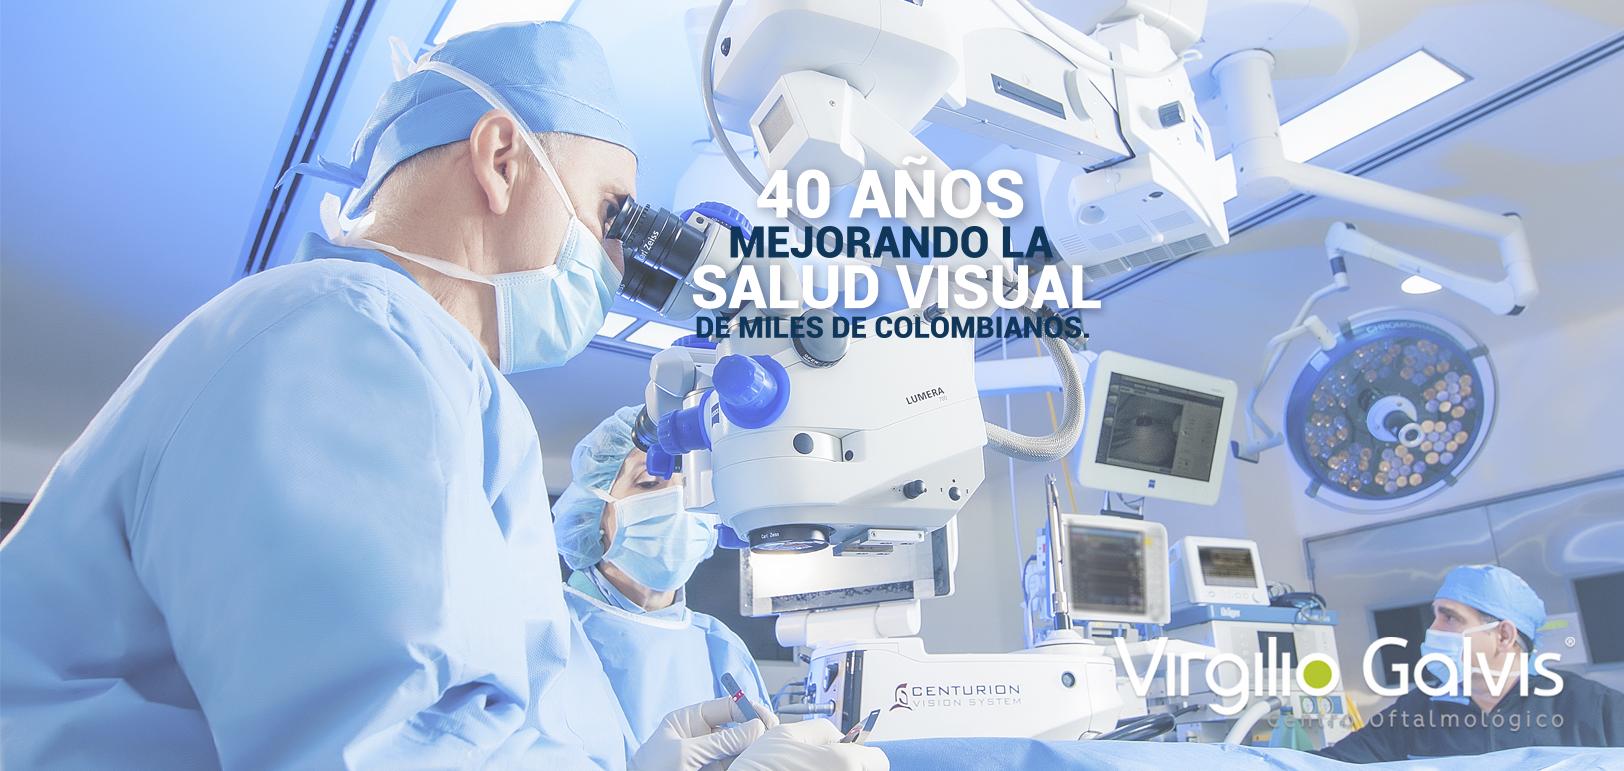 Virgilio Galvis - Cirugia Catarata